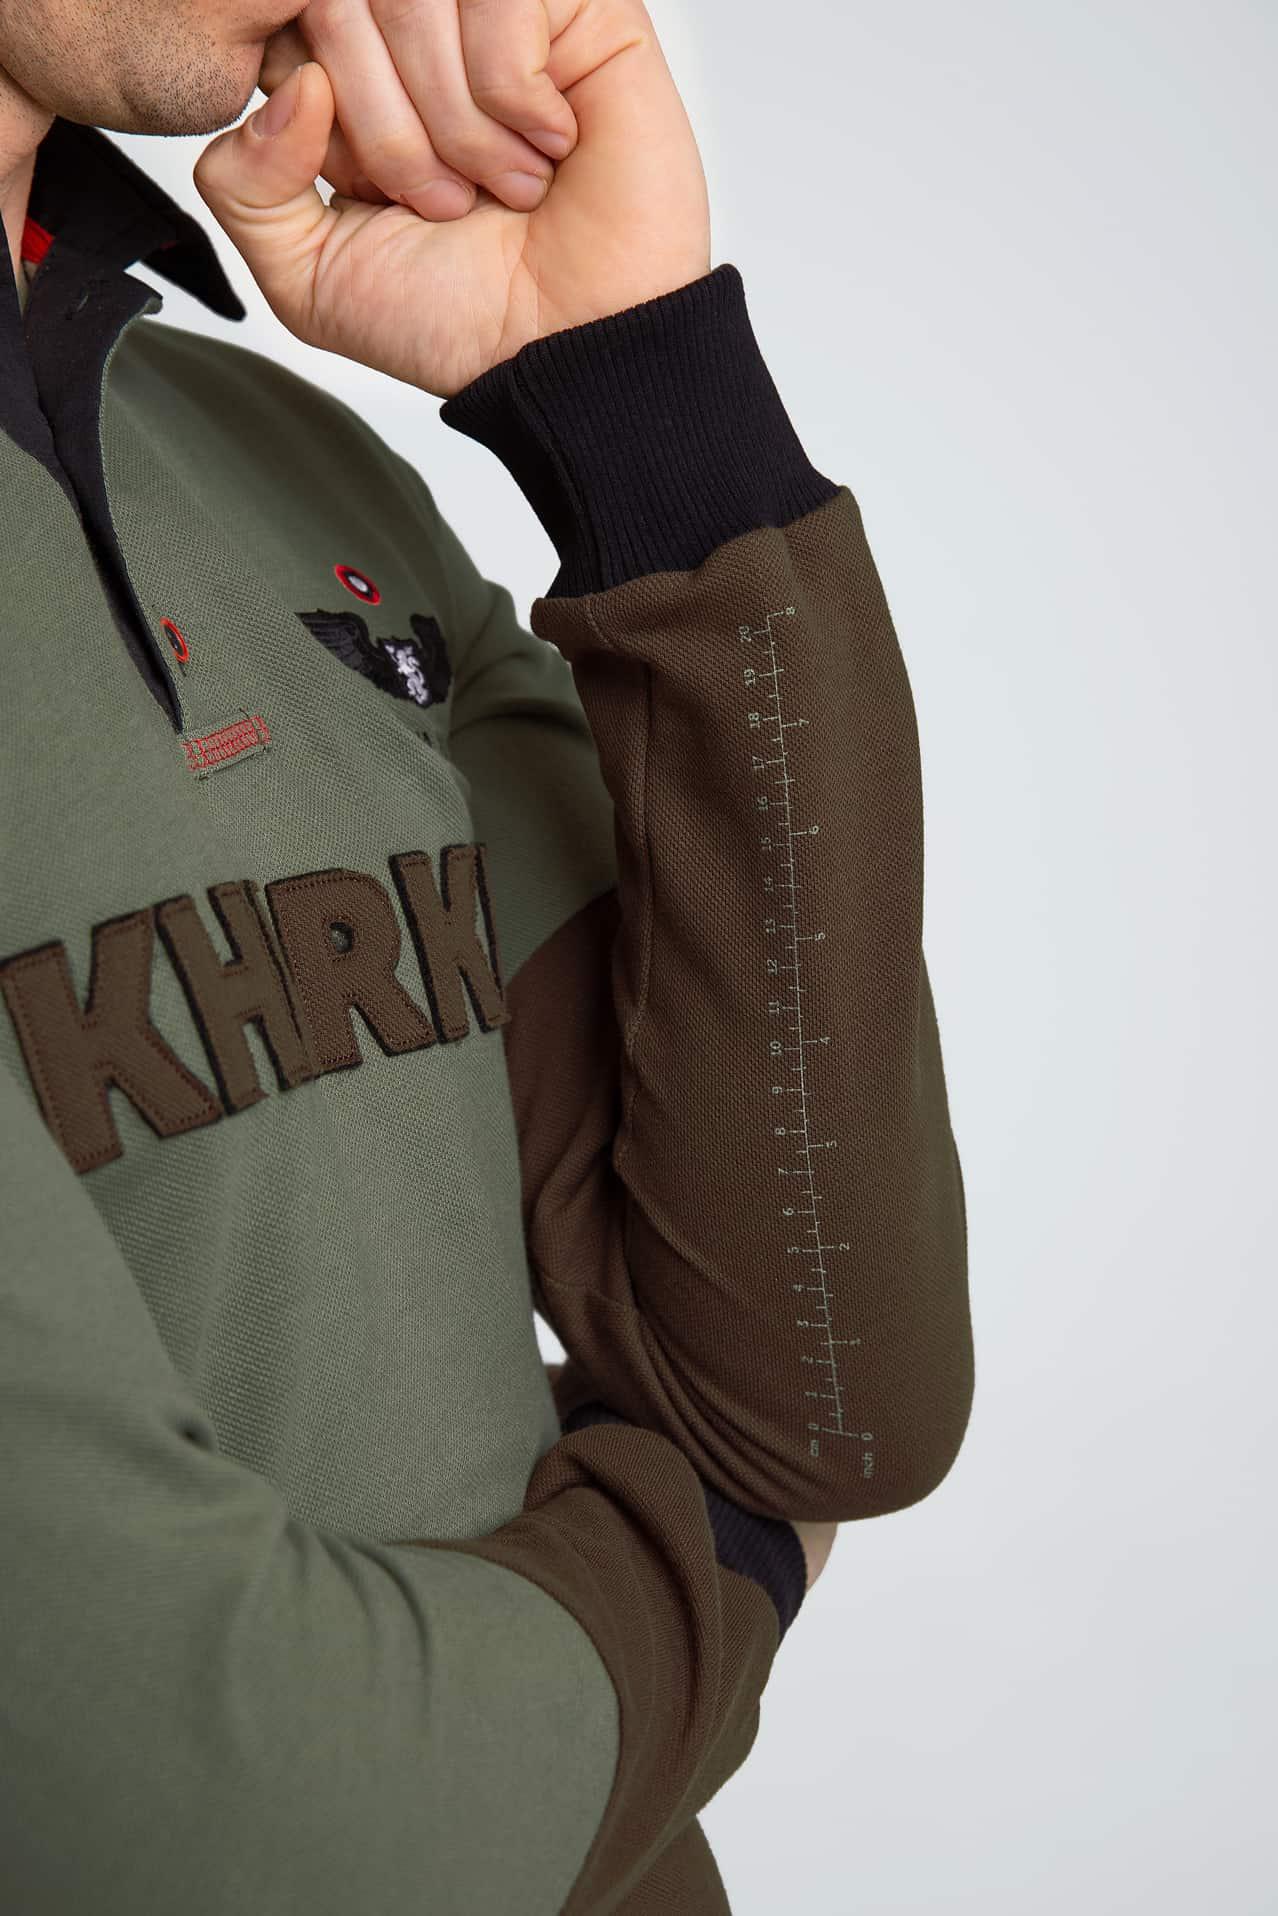 Жіноче Поло-Лонґ Kharkiv. Колір зелений.  Зріст моделі: 161 см.